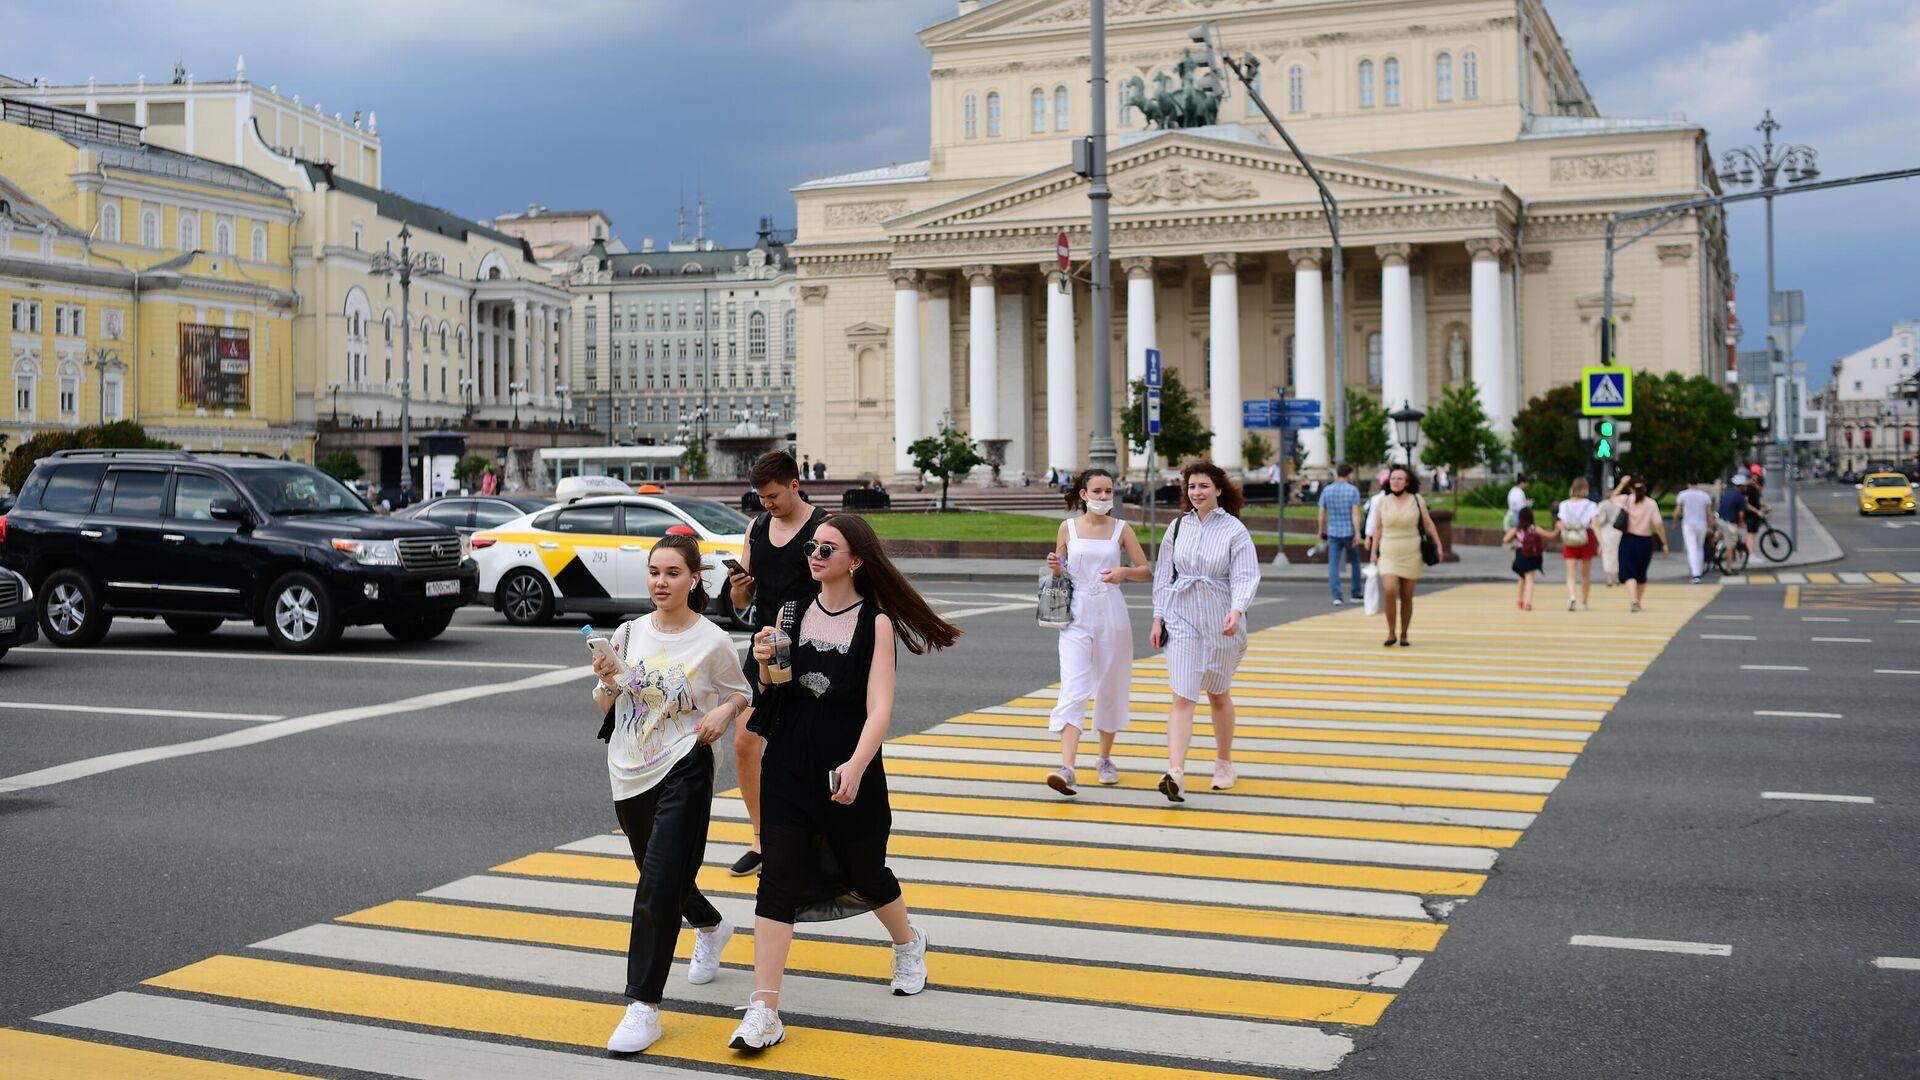 Девушки на пешеходном переходе на Театральной площади в Москве - РИА Новости, 1920, 02.09.2021